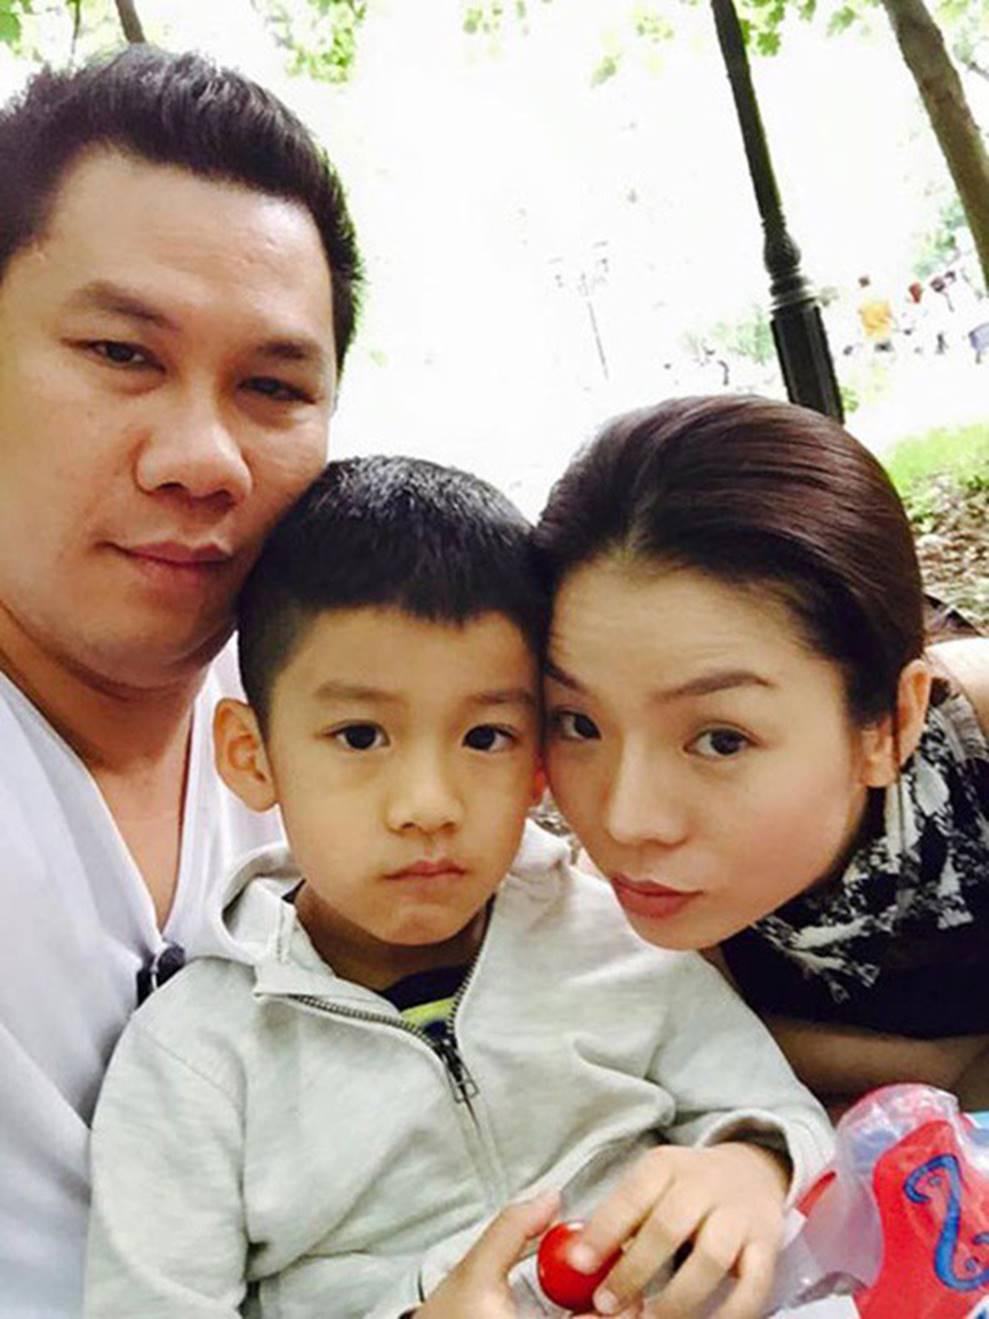 Cuộc sống sung sướng của các nhóc tỳ sao Việt: Đứa học trường Quốc tế học phí hàng trăm triệu, đứa từ bé đã thạo 6 thứ tiếng-10